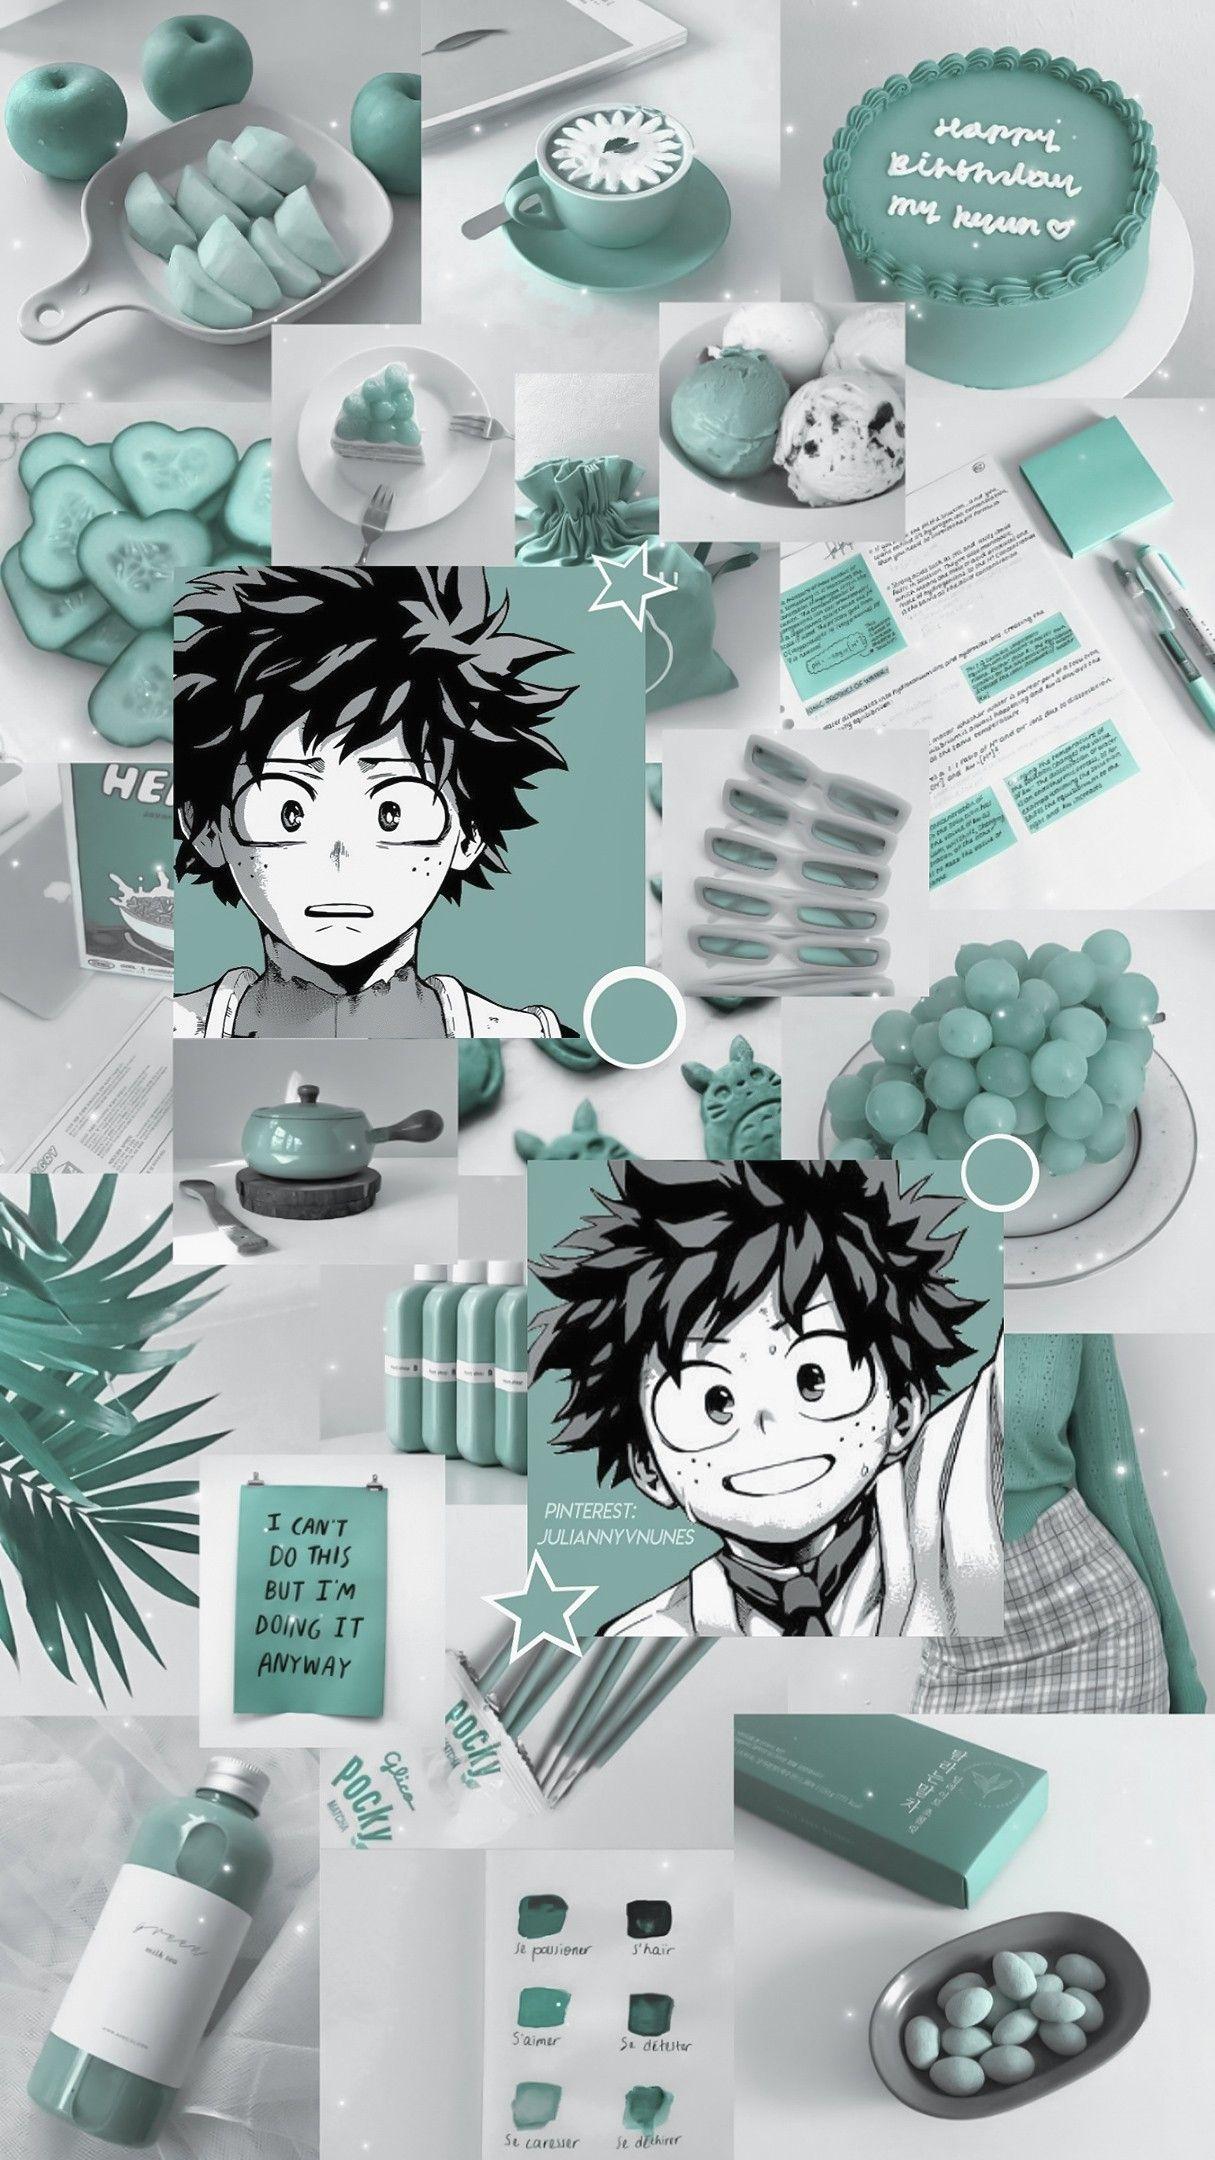 Boku No Hero Academia Izuku Midoriya Anime Wallpaper Iphone Anime Wallpaper Wallpaper Iphone Cute